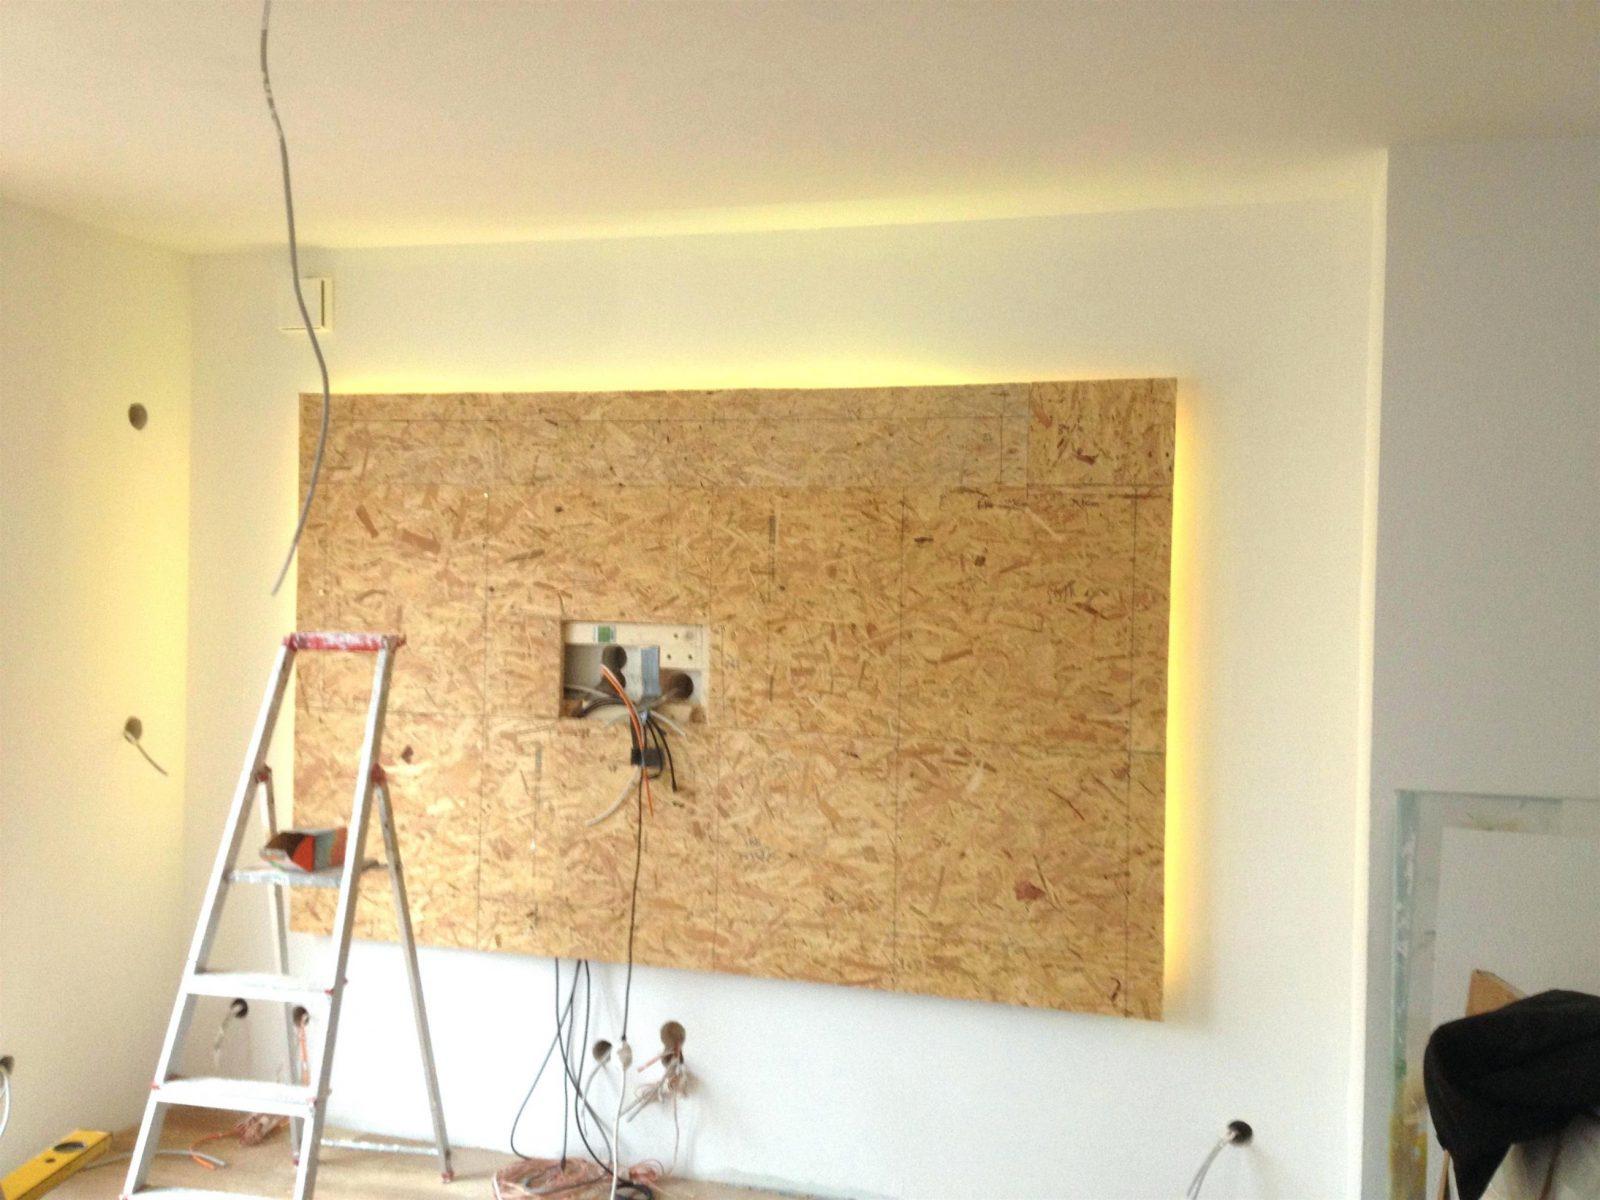 Innenarchitektur Indirektes Licht von Indirekte Beleuchtung Schlafzimmer Selber Bauen Bild